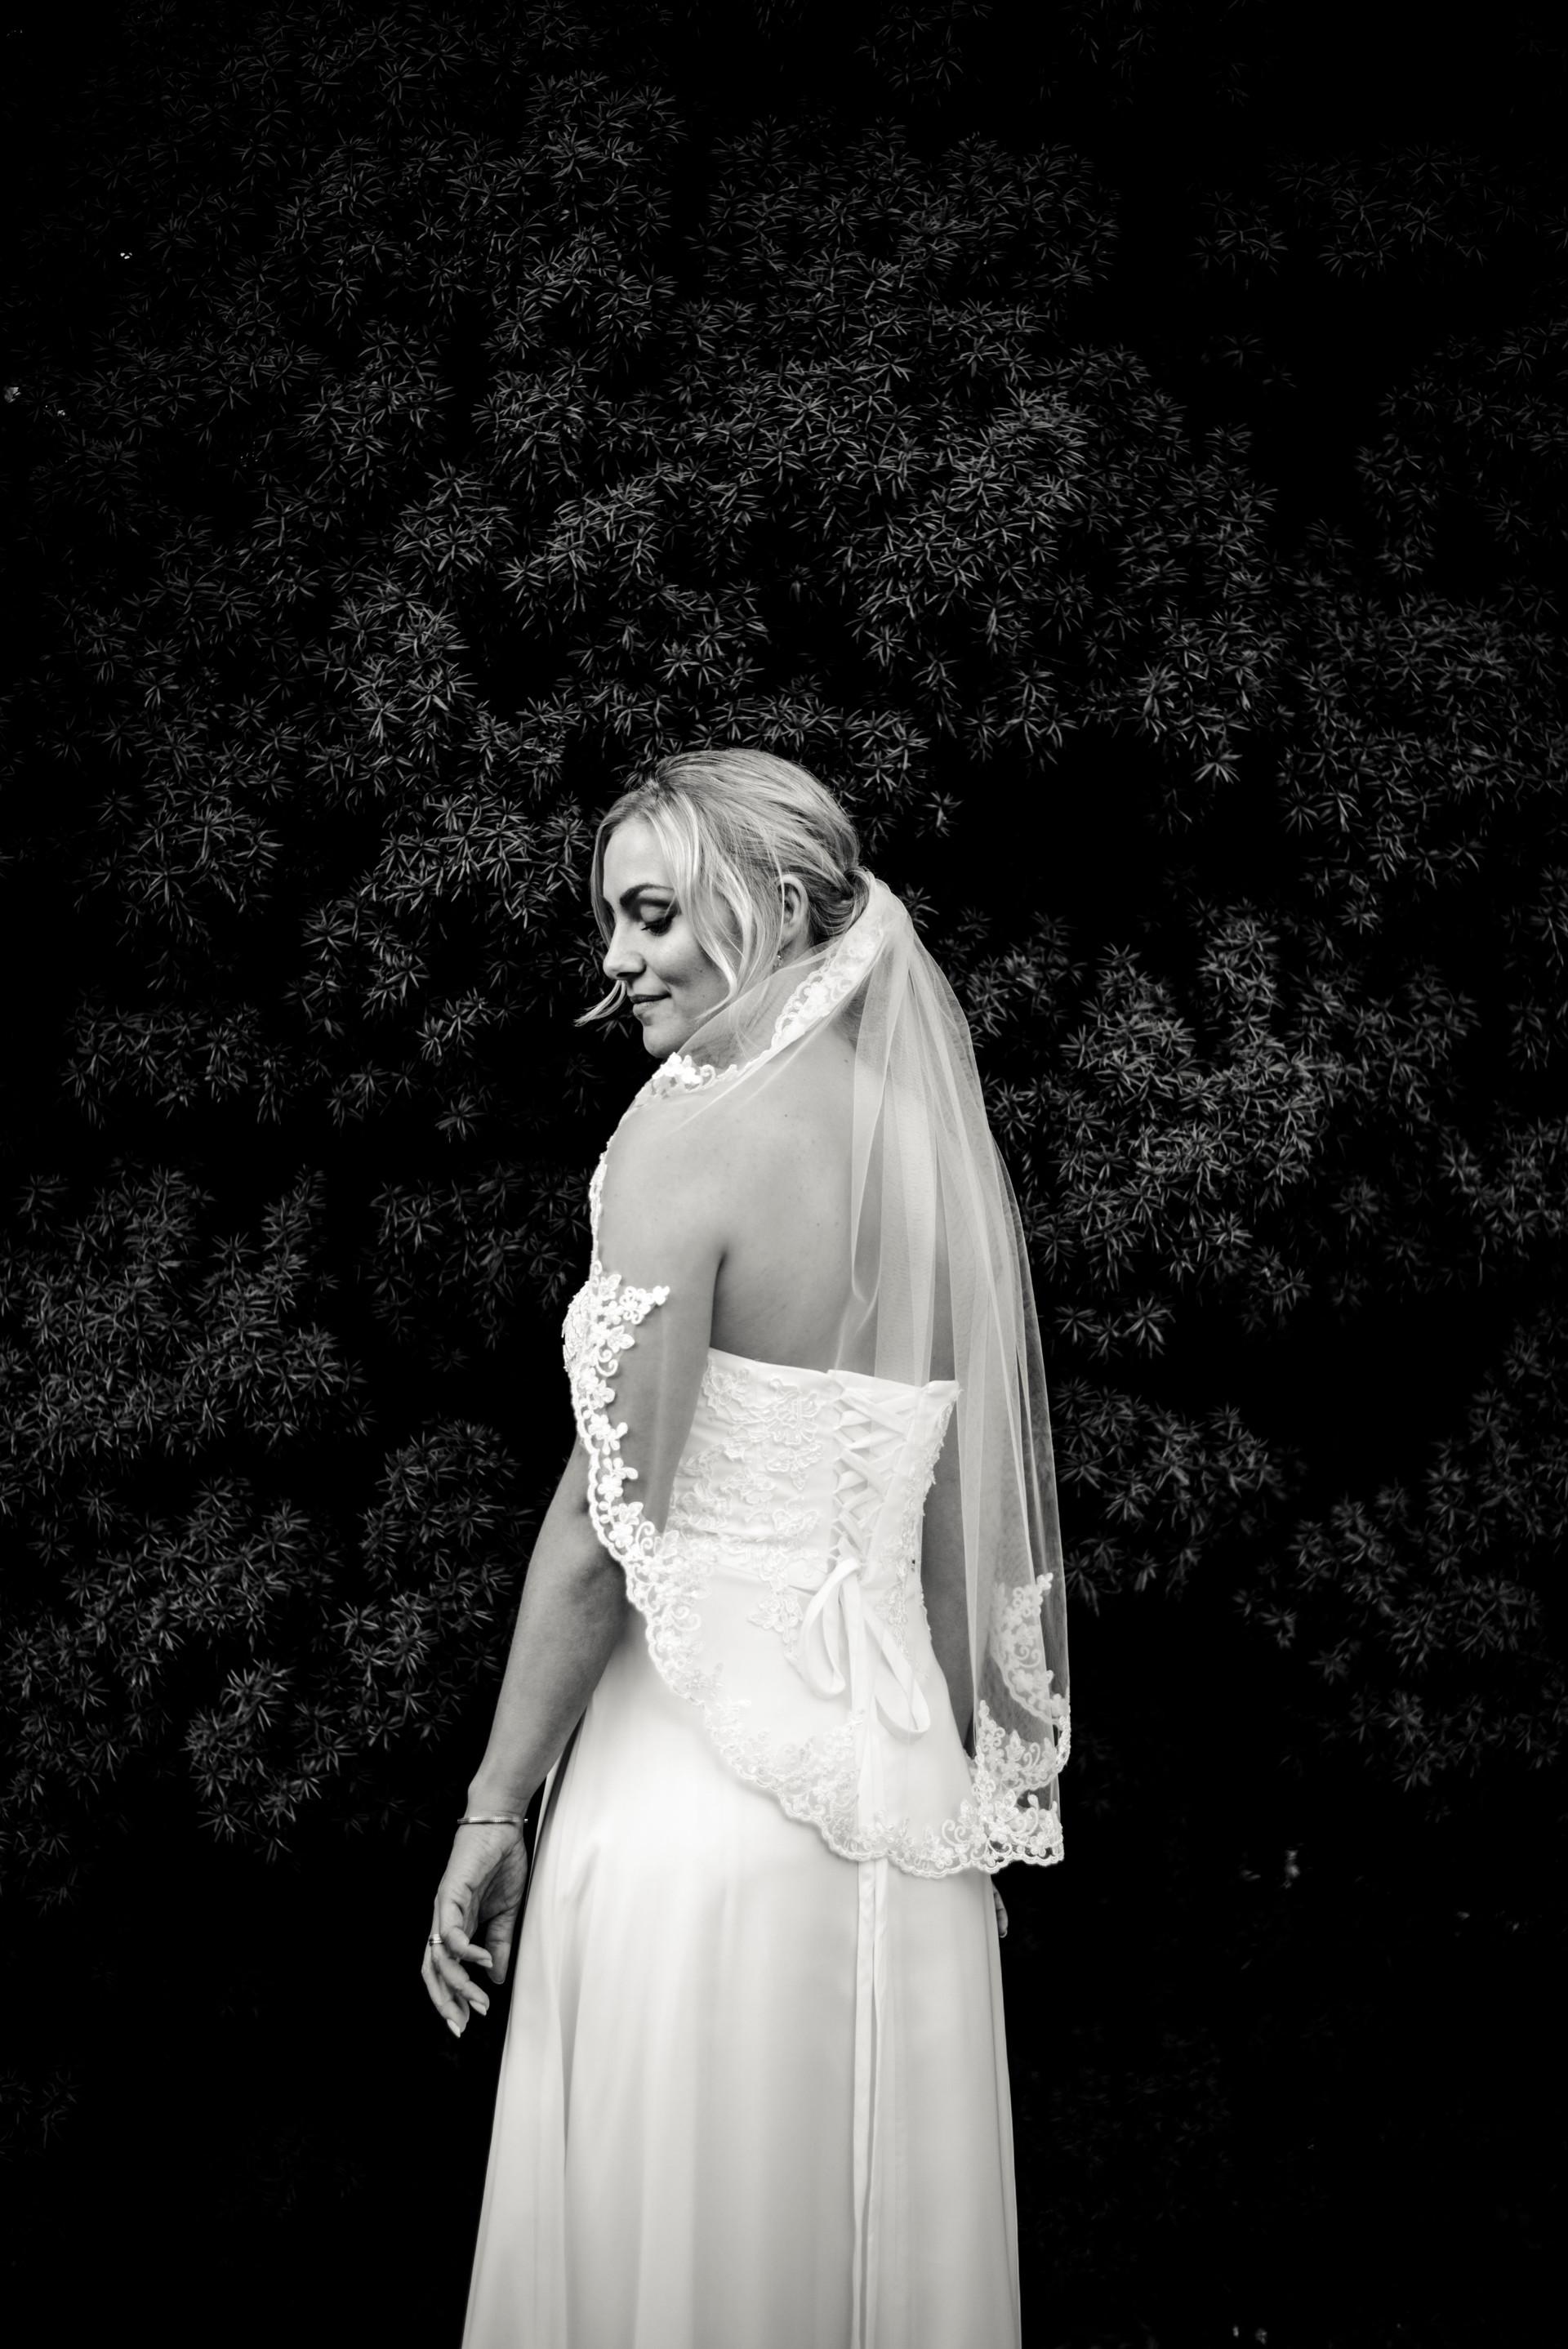 Dianne_fotografie_Bruiloft jasper en nik